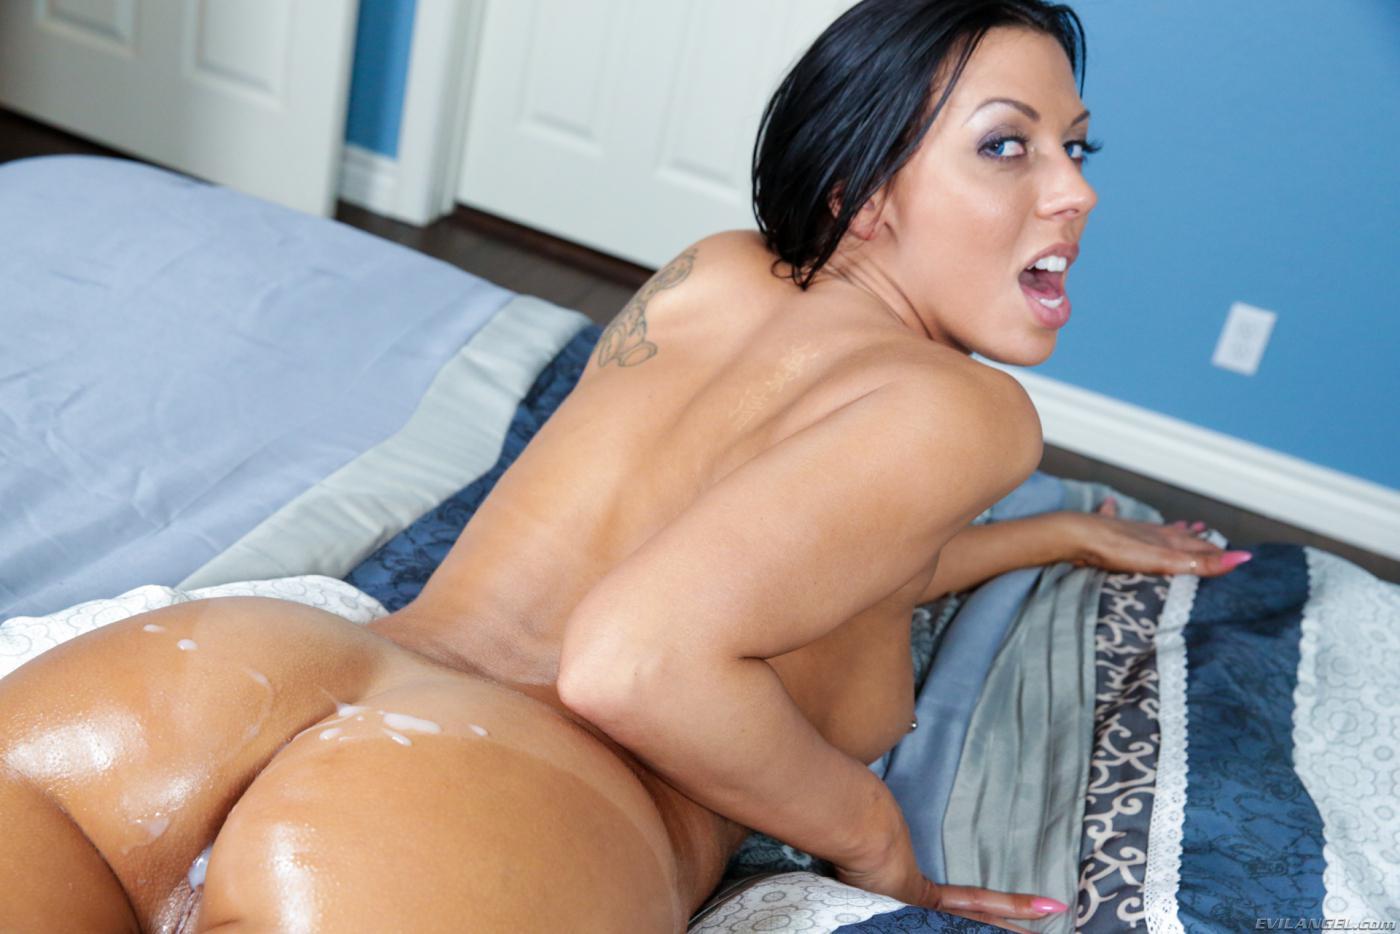 Завораживающая и грудастая брюнетка Rachel Starr дает огромному члену трахнуть свою киску